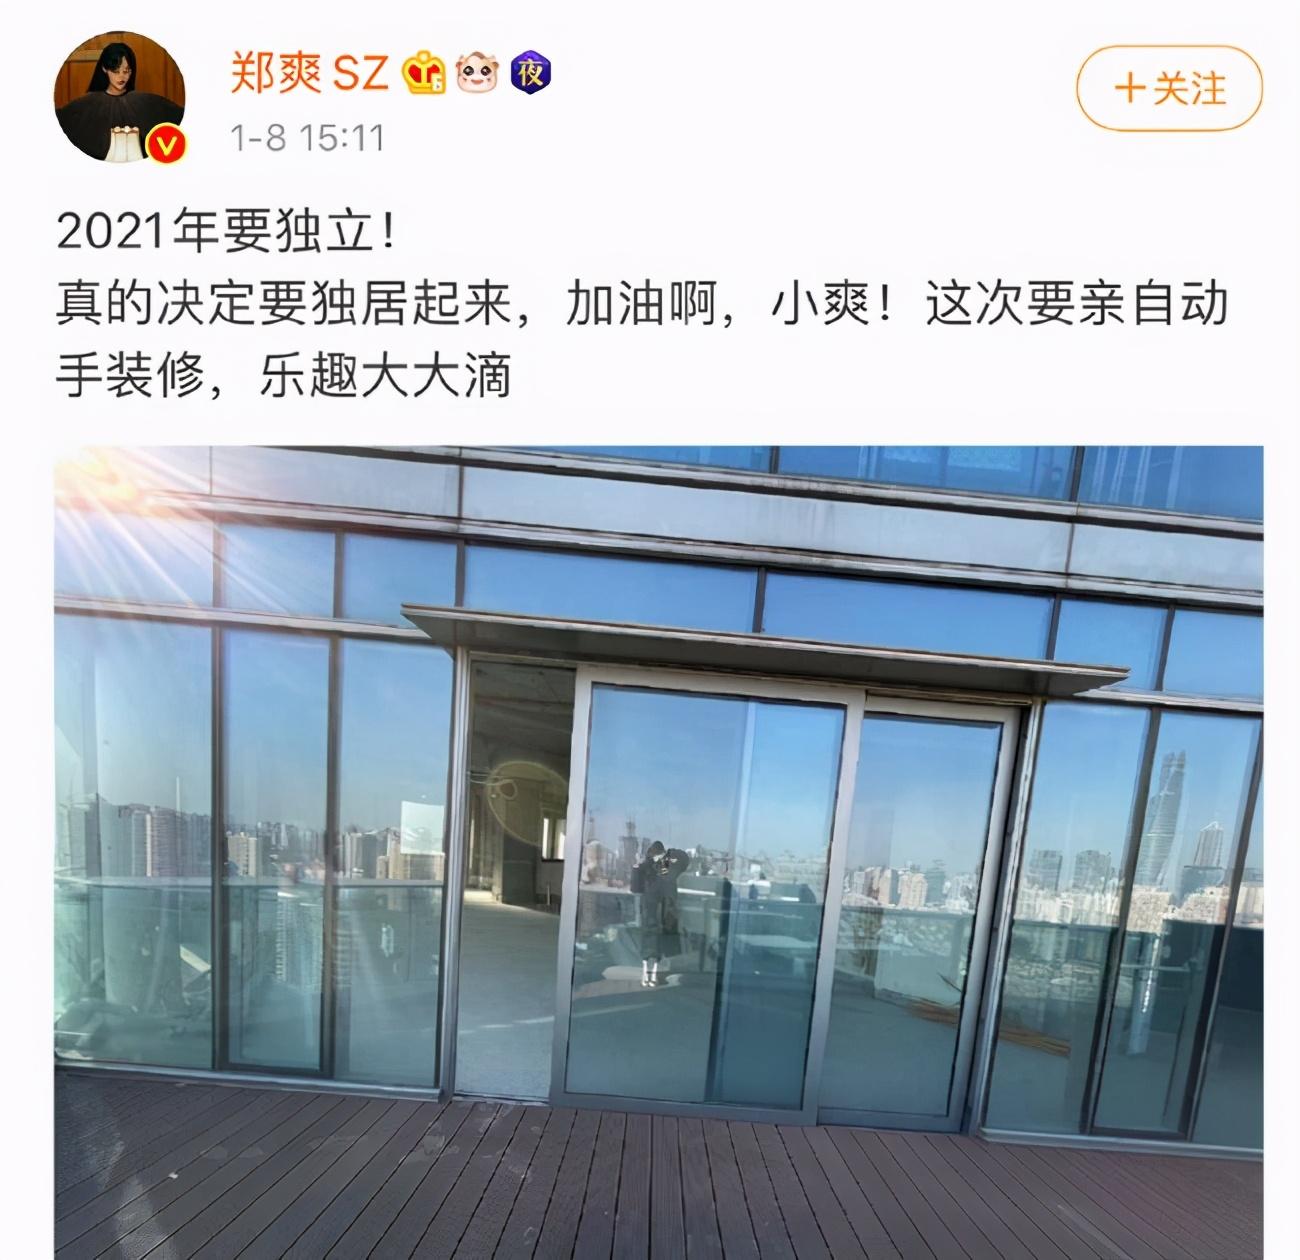 郑爽回应代孕门甩锅成受害者,从业公关10年,我教郑爽怎么回应